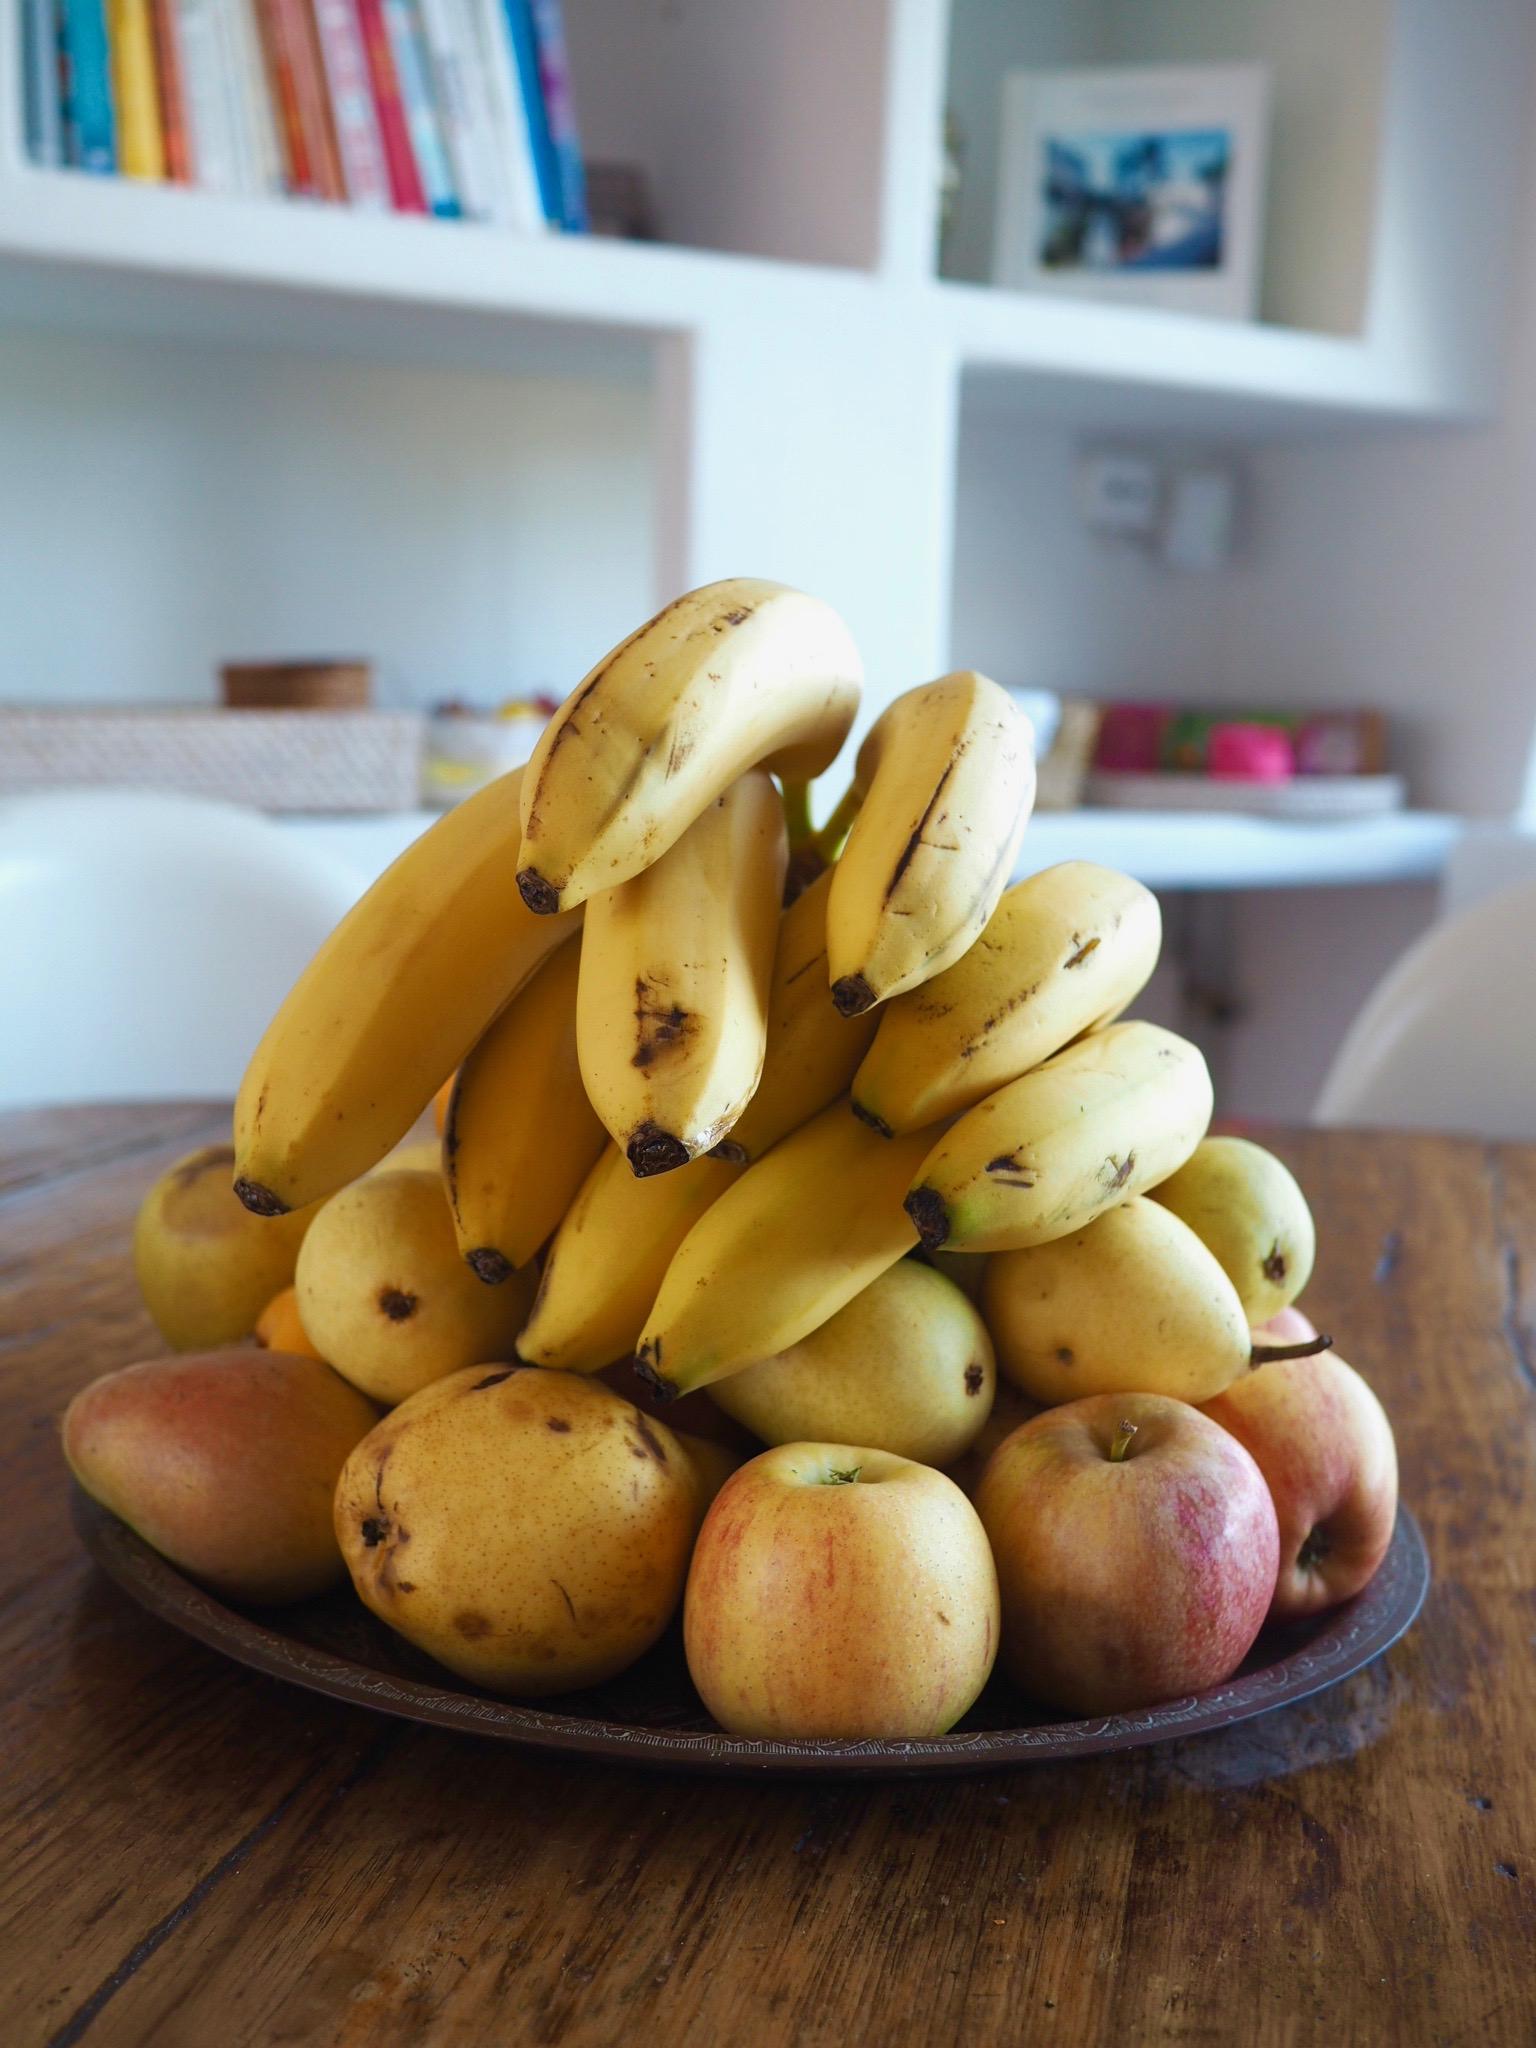 Bananas, fruit bowl